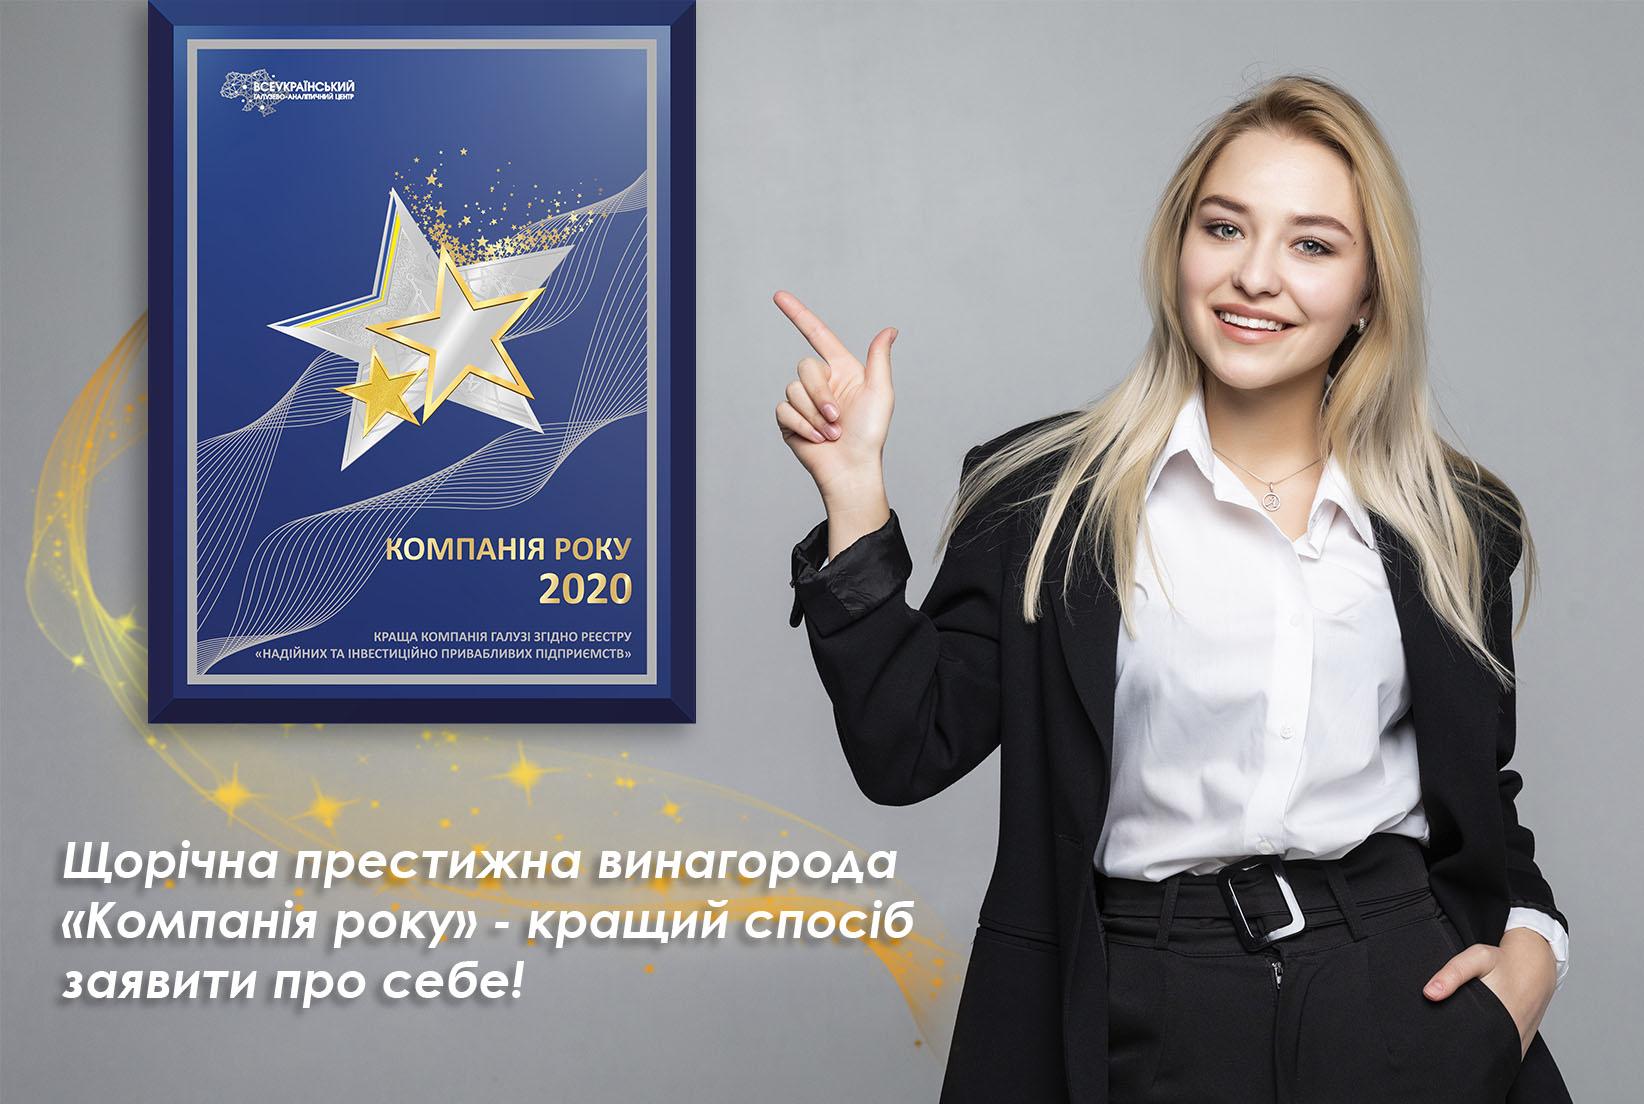 """Номінація """"Компанія року"""" – унікальний інструмент зміцнення іміджу підприємства на основі бізнес-аналітики"""